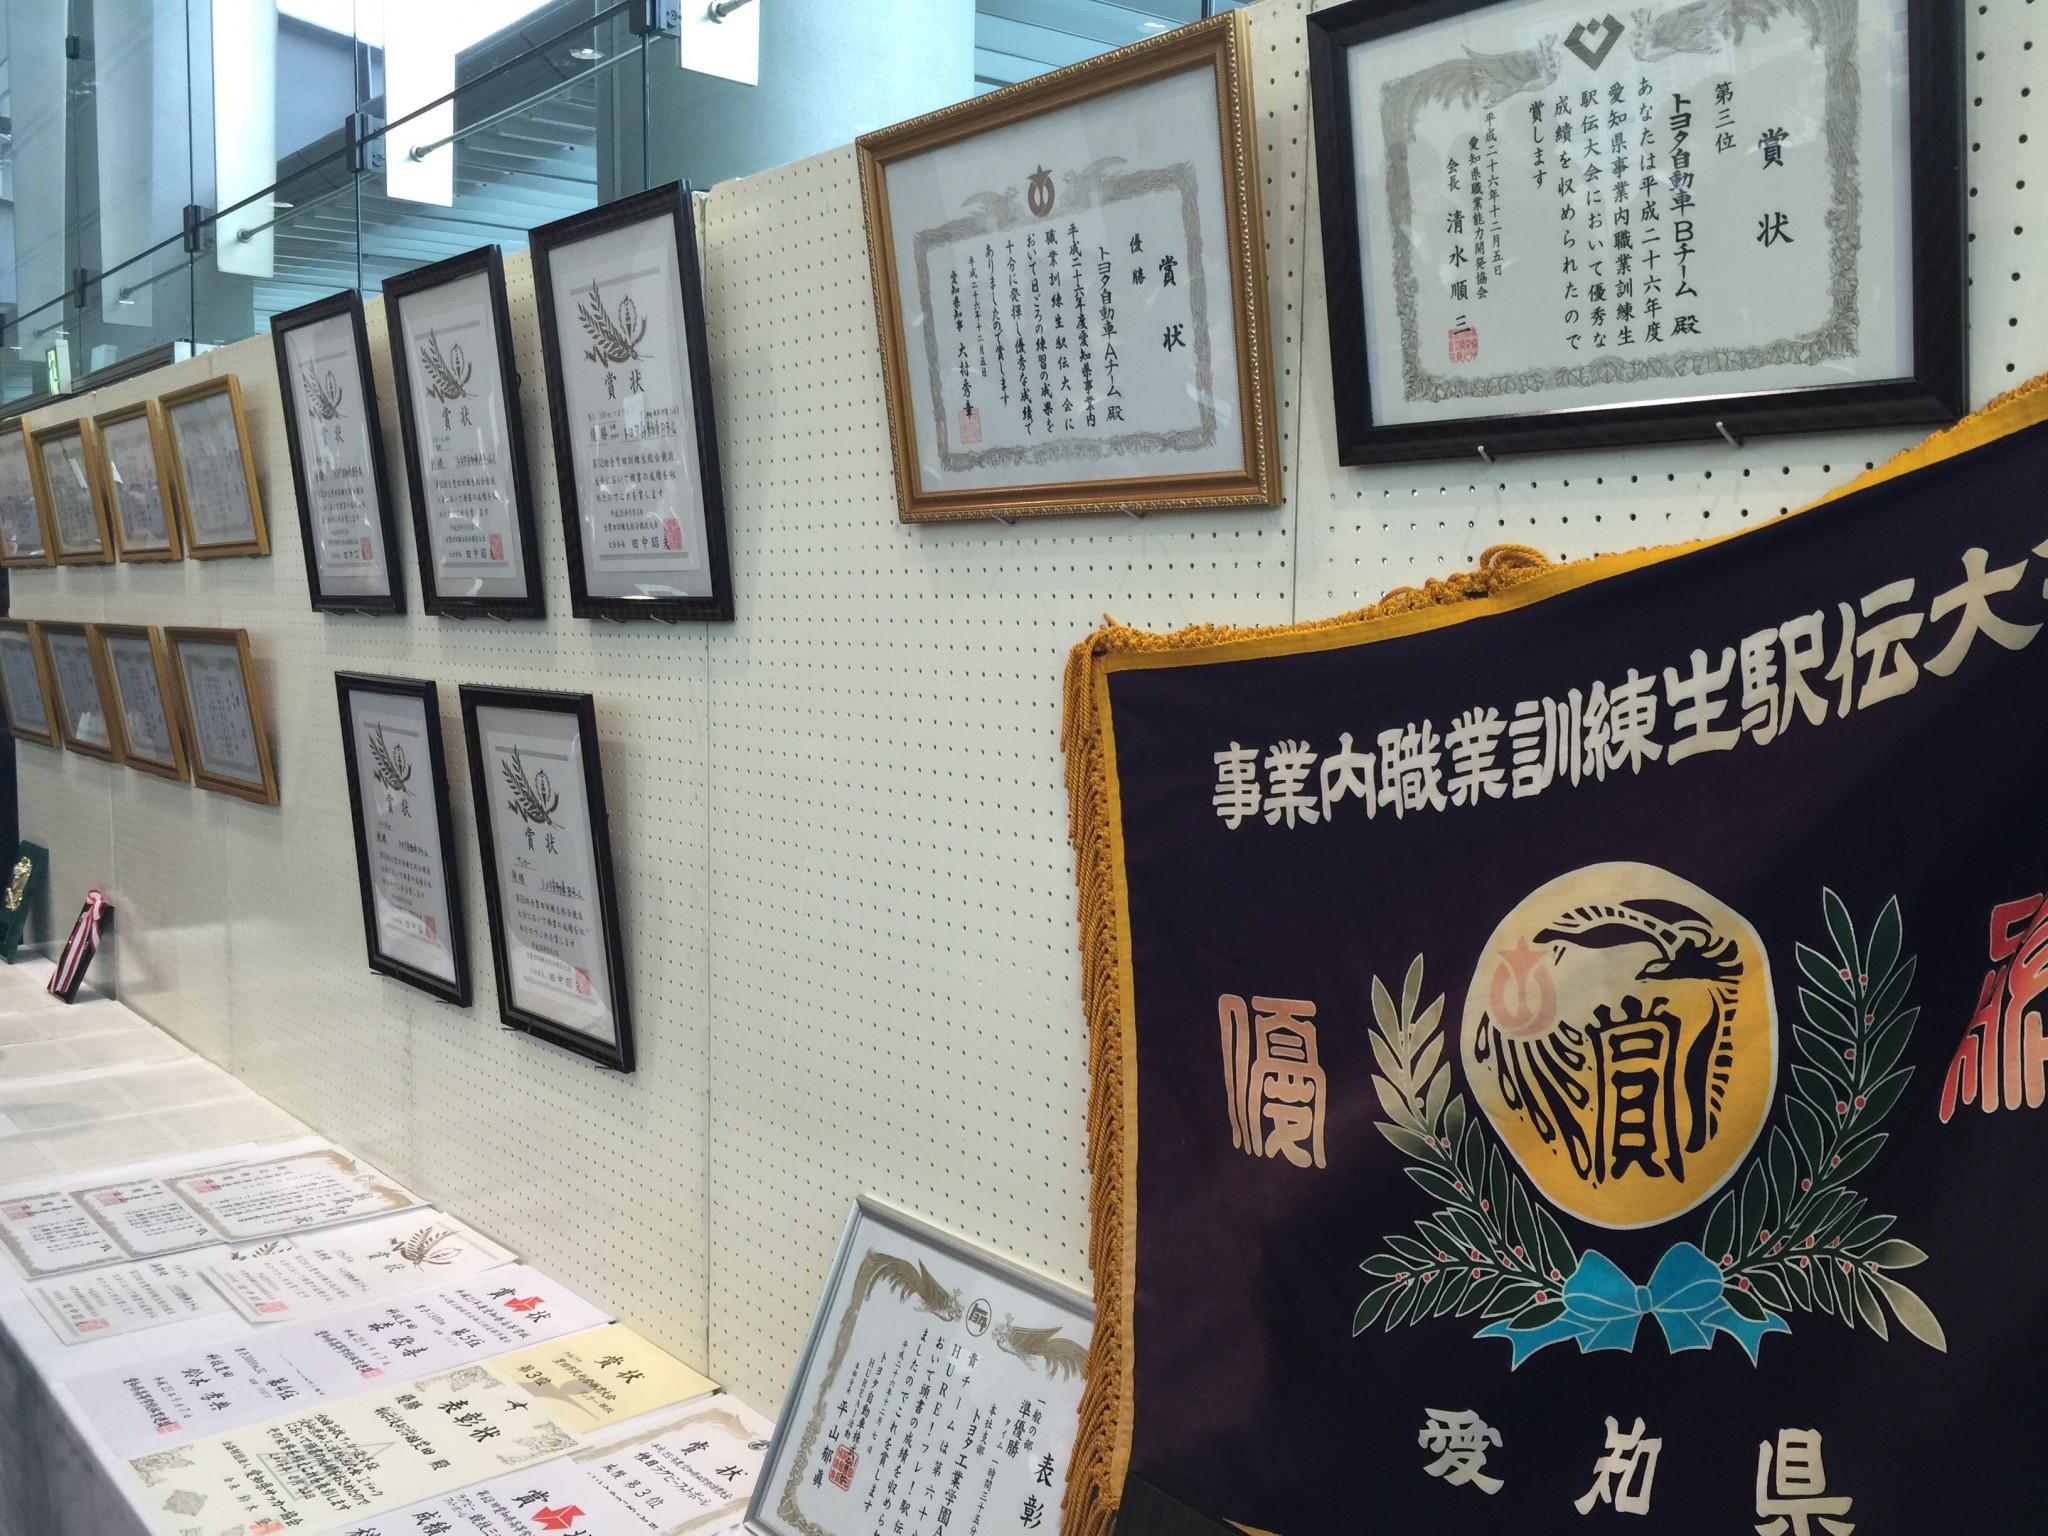 トヨタ工業学園卒業式挙行される!